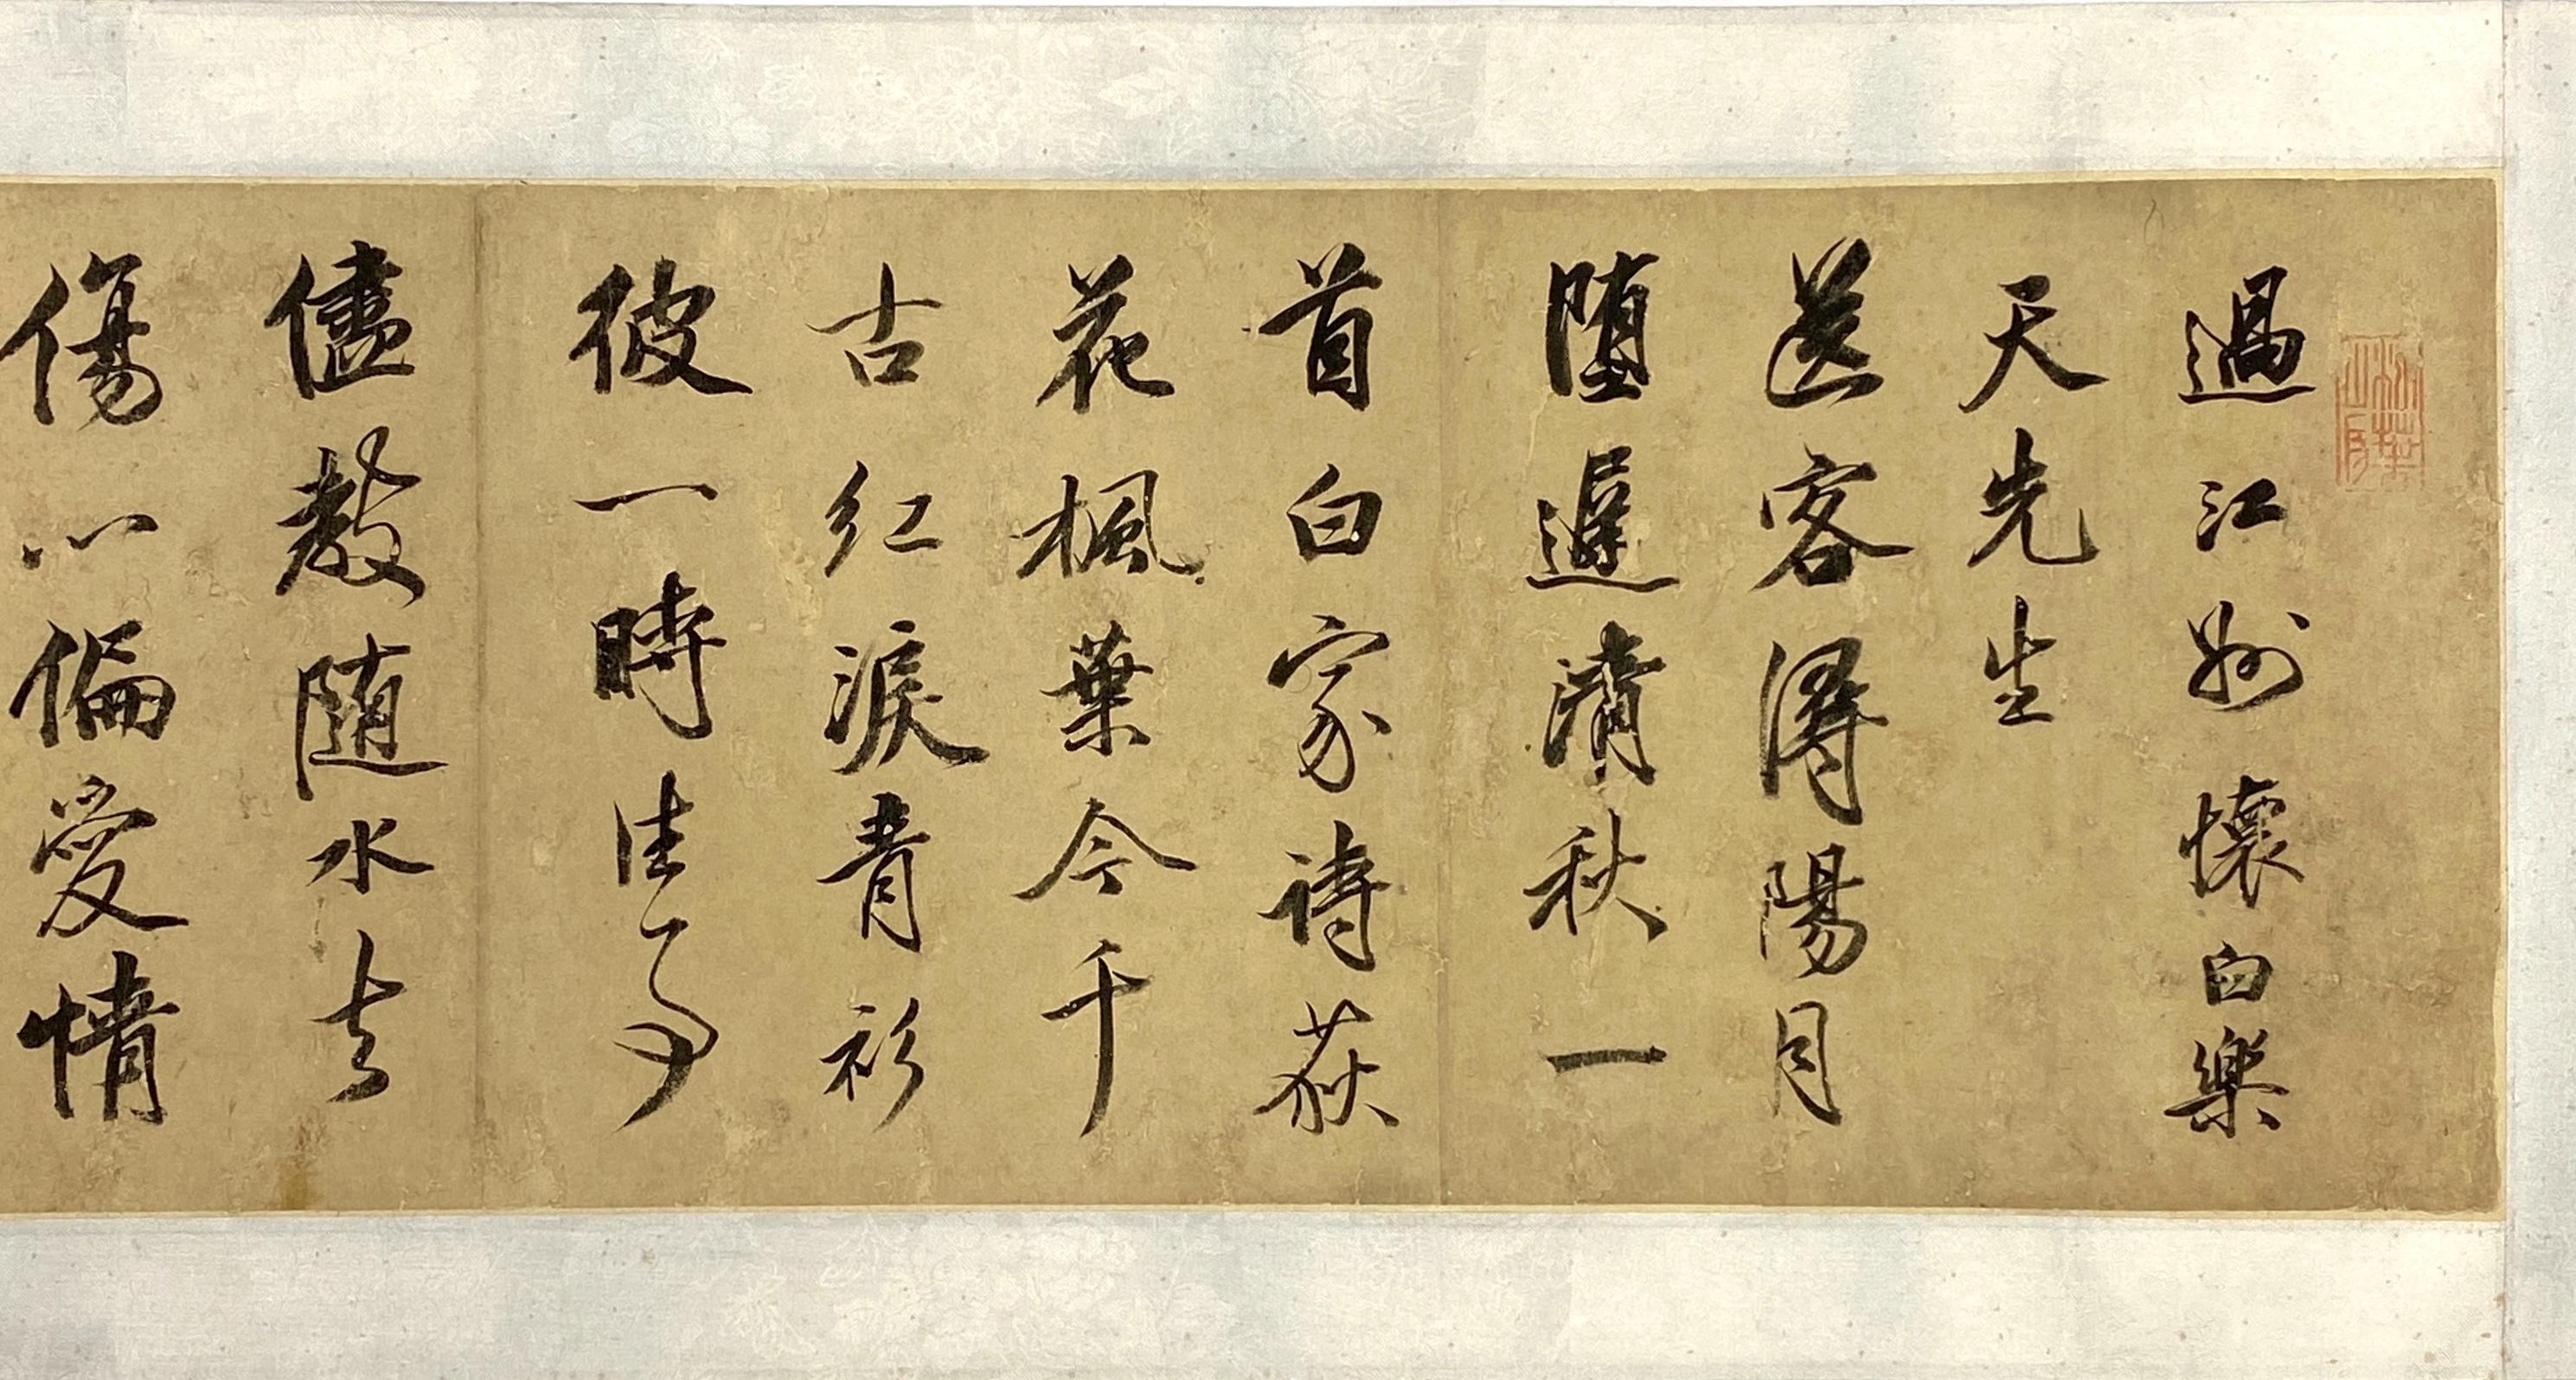 20582「王文治」行書 巻物22×100cm